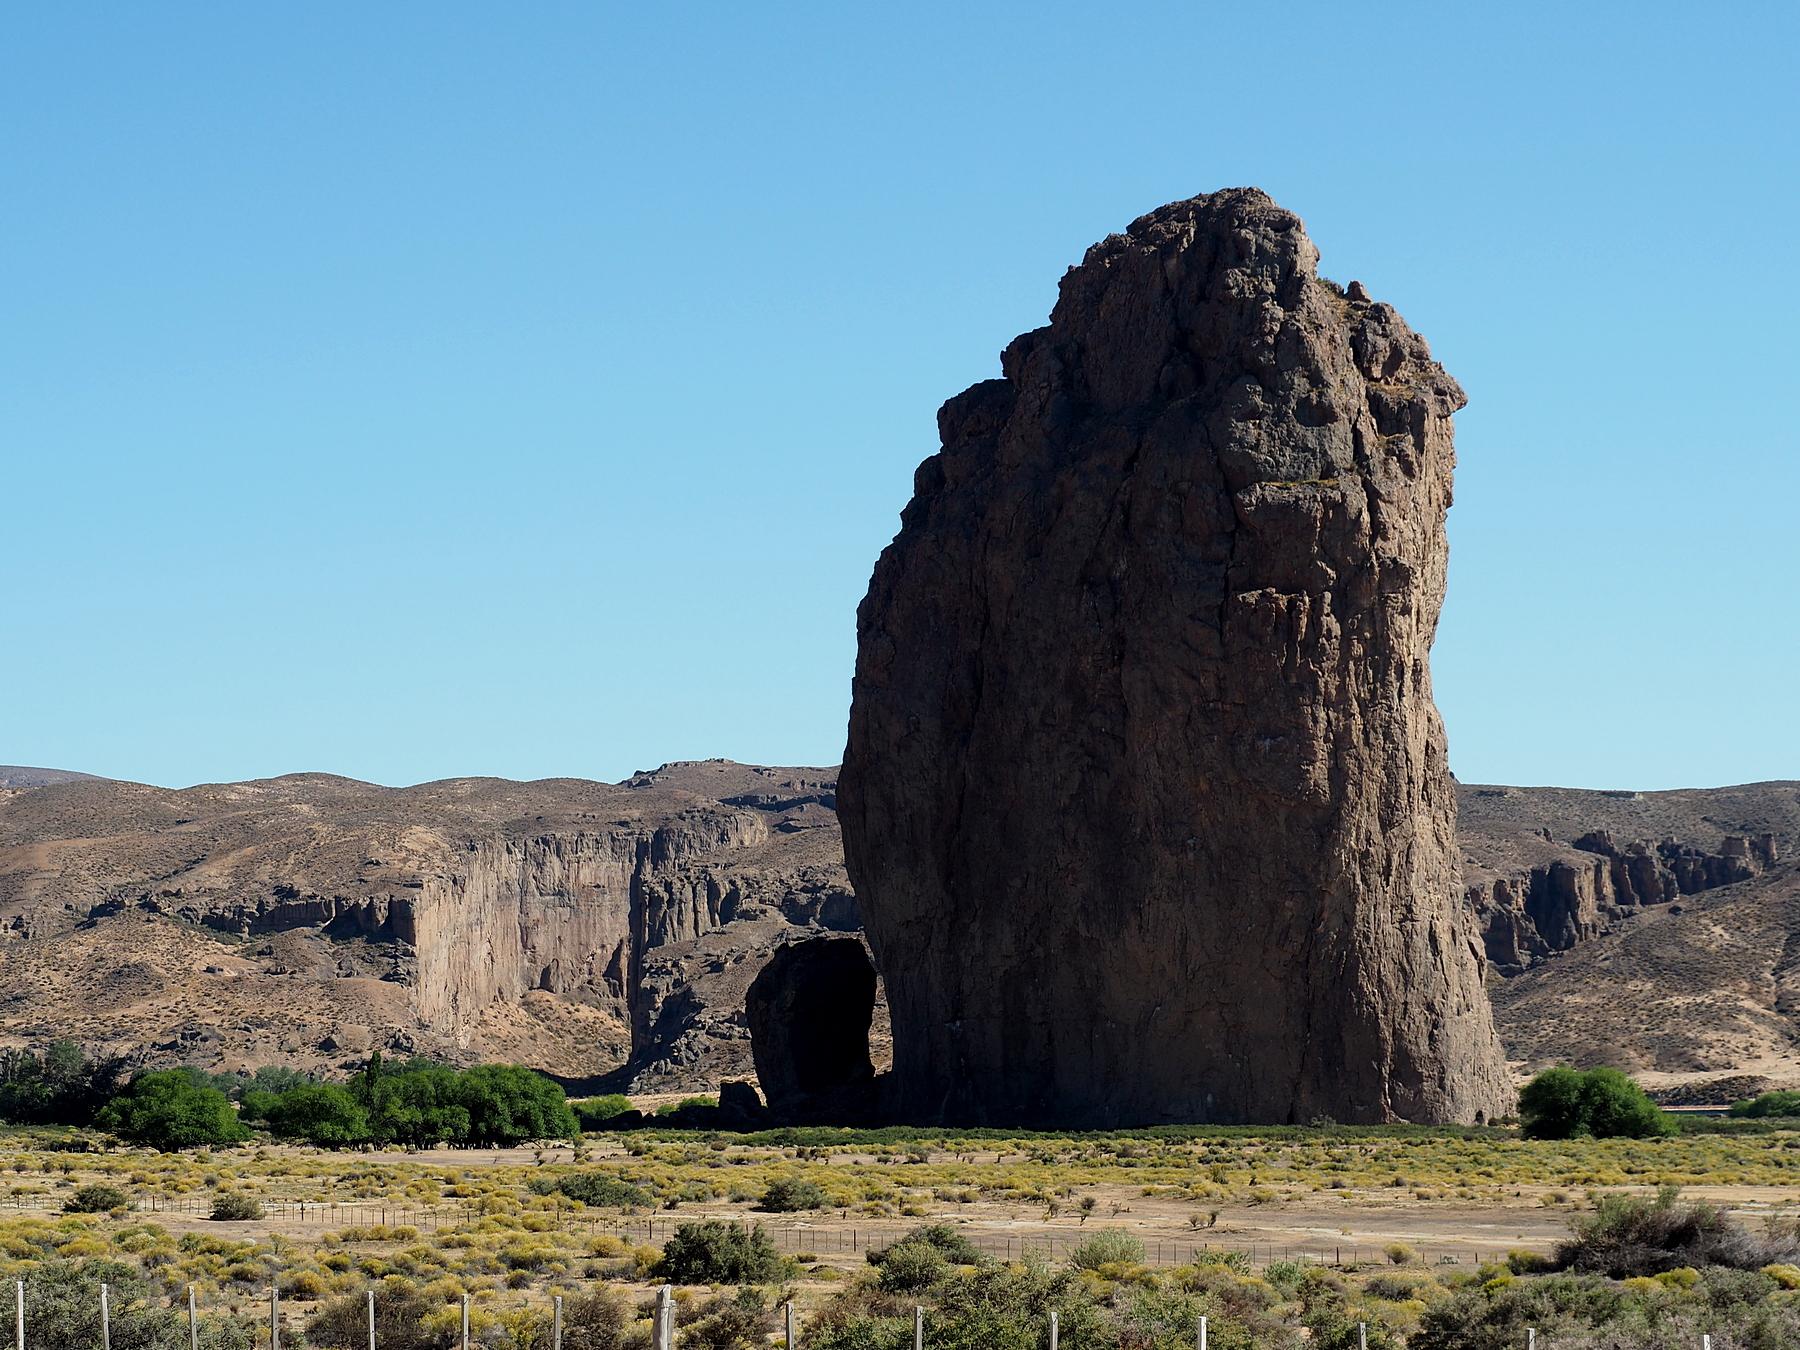 Der Piedra Parada mit der Schlucht links im Hintergrund